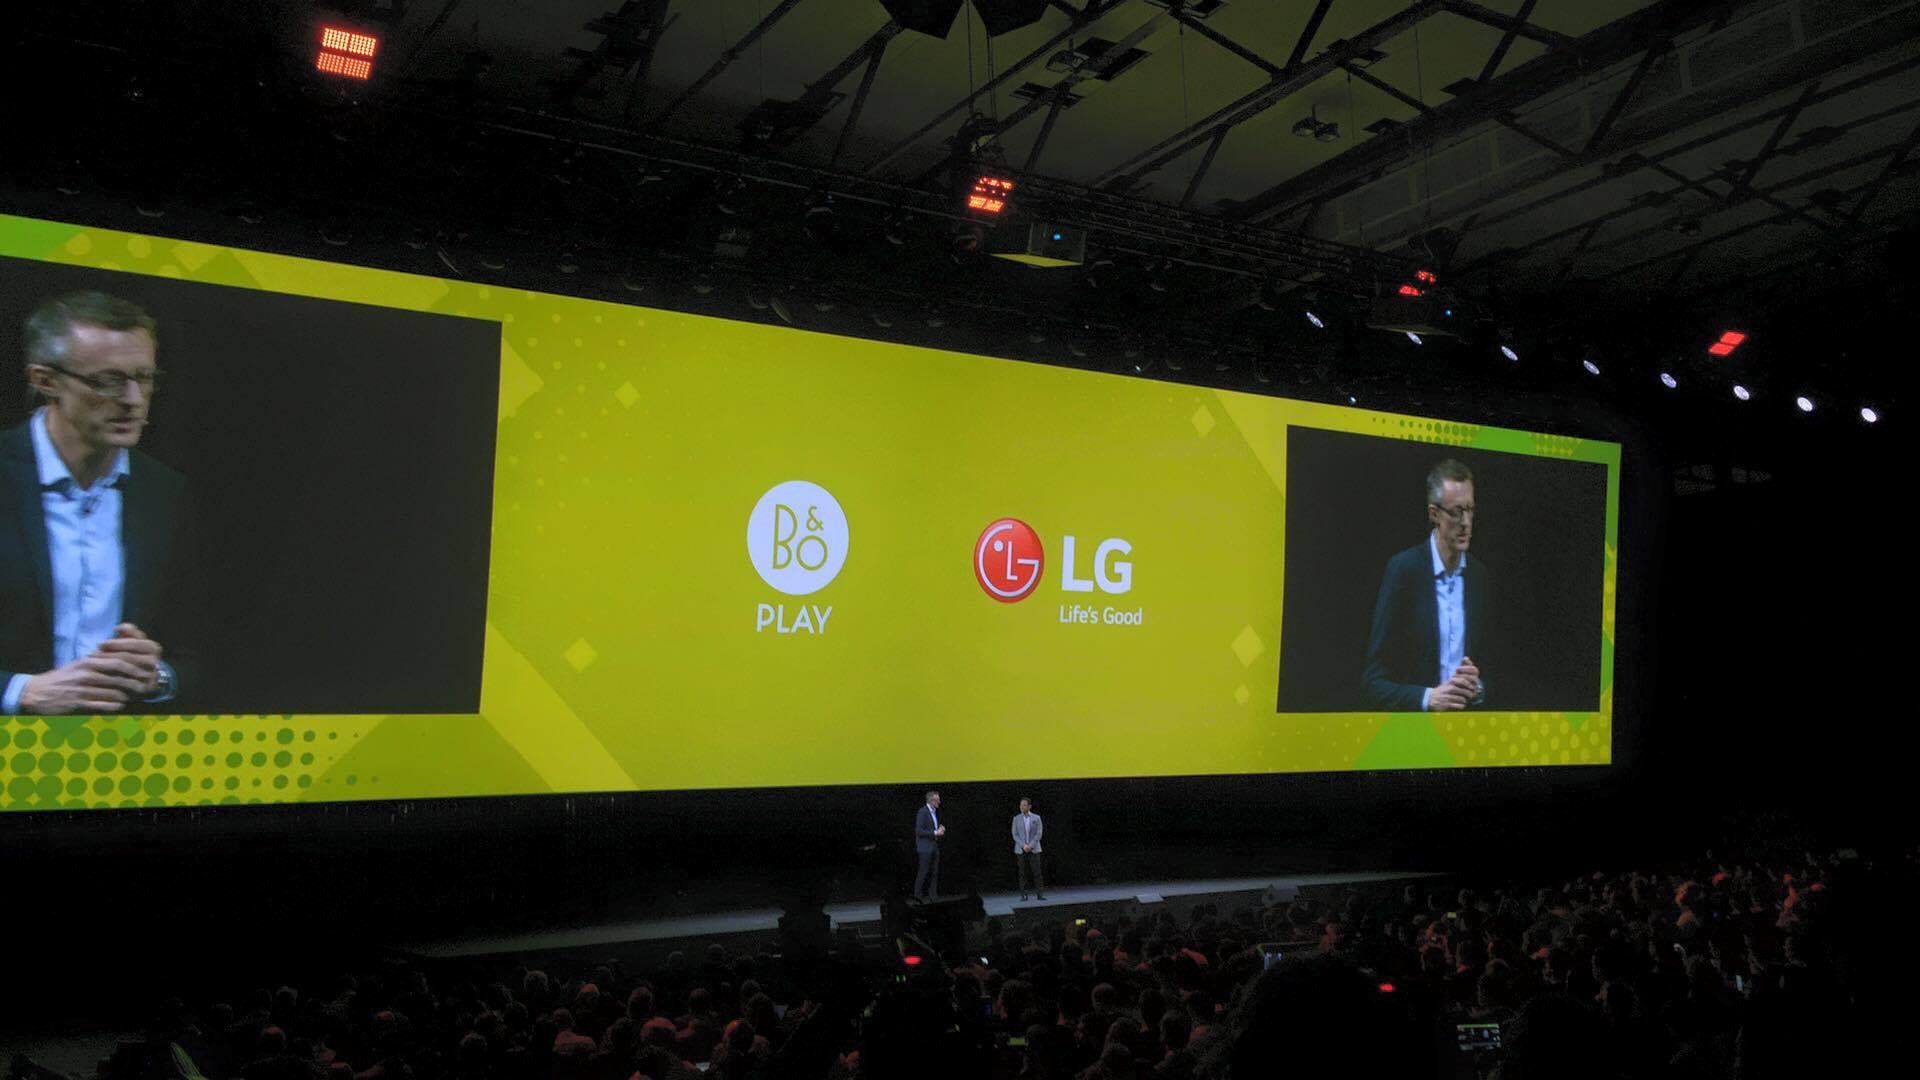 LG-G5-akilli-telefon-canli-yayin-technopat (13)